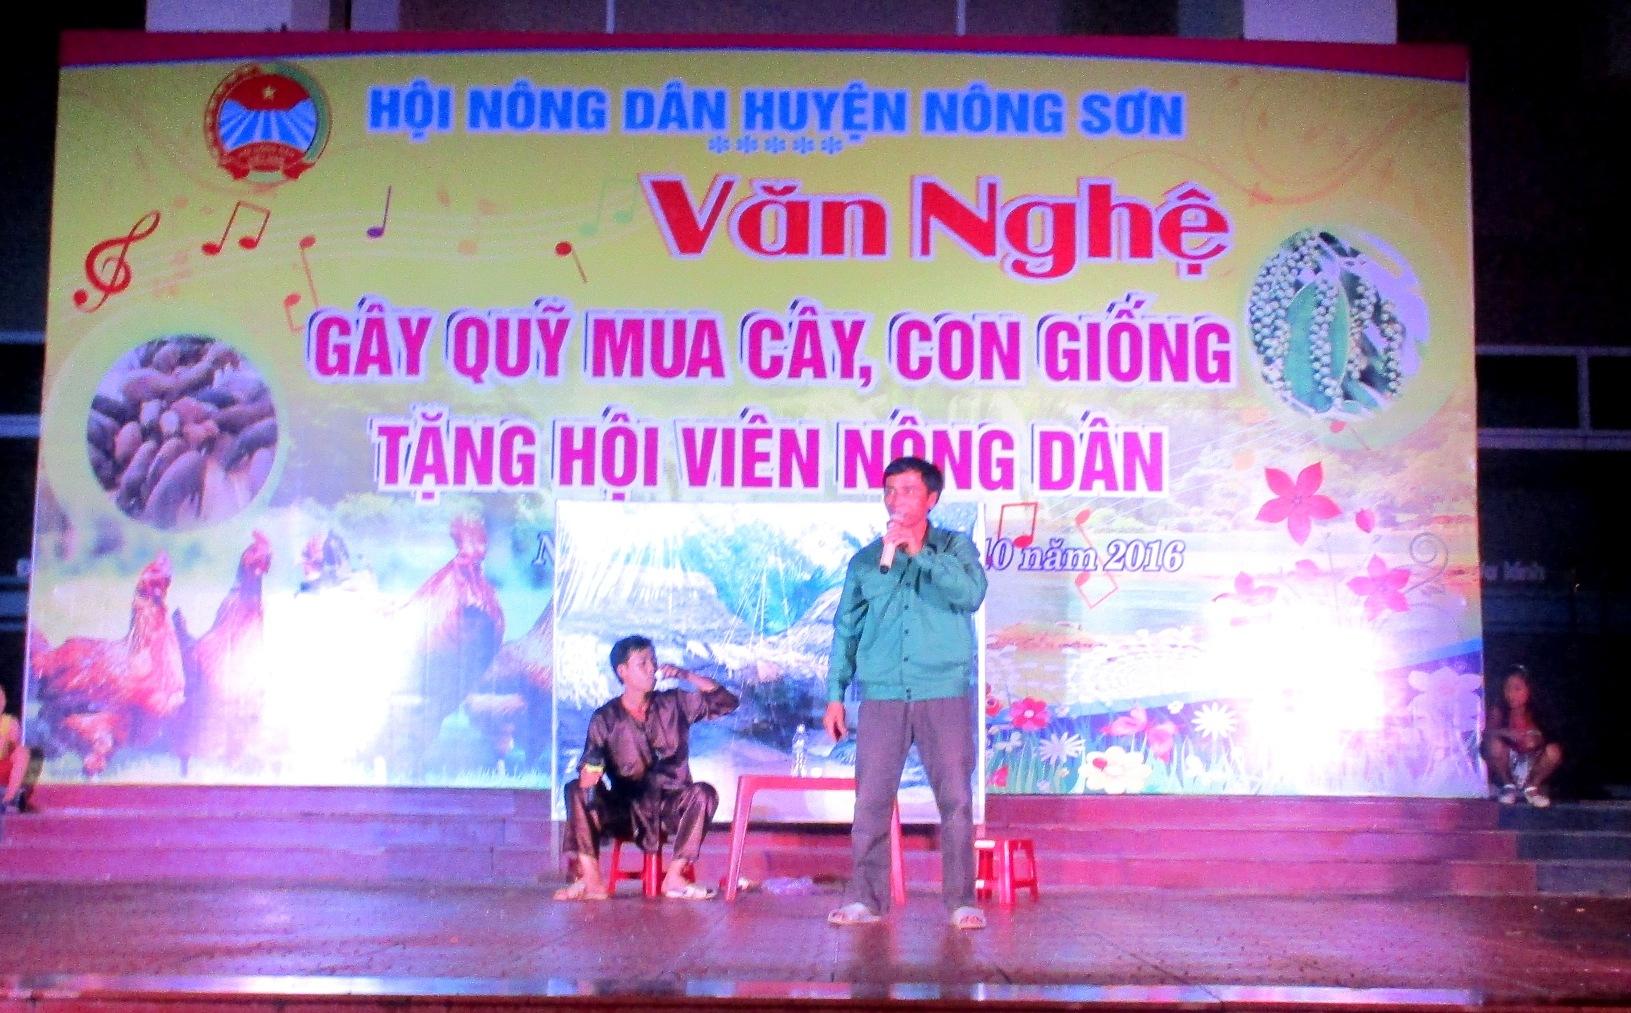 Một đêm văn nghệ gây quỹ được khoảng từ 15 - 20 triệu đồng. Ảnh: PHAN VINH